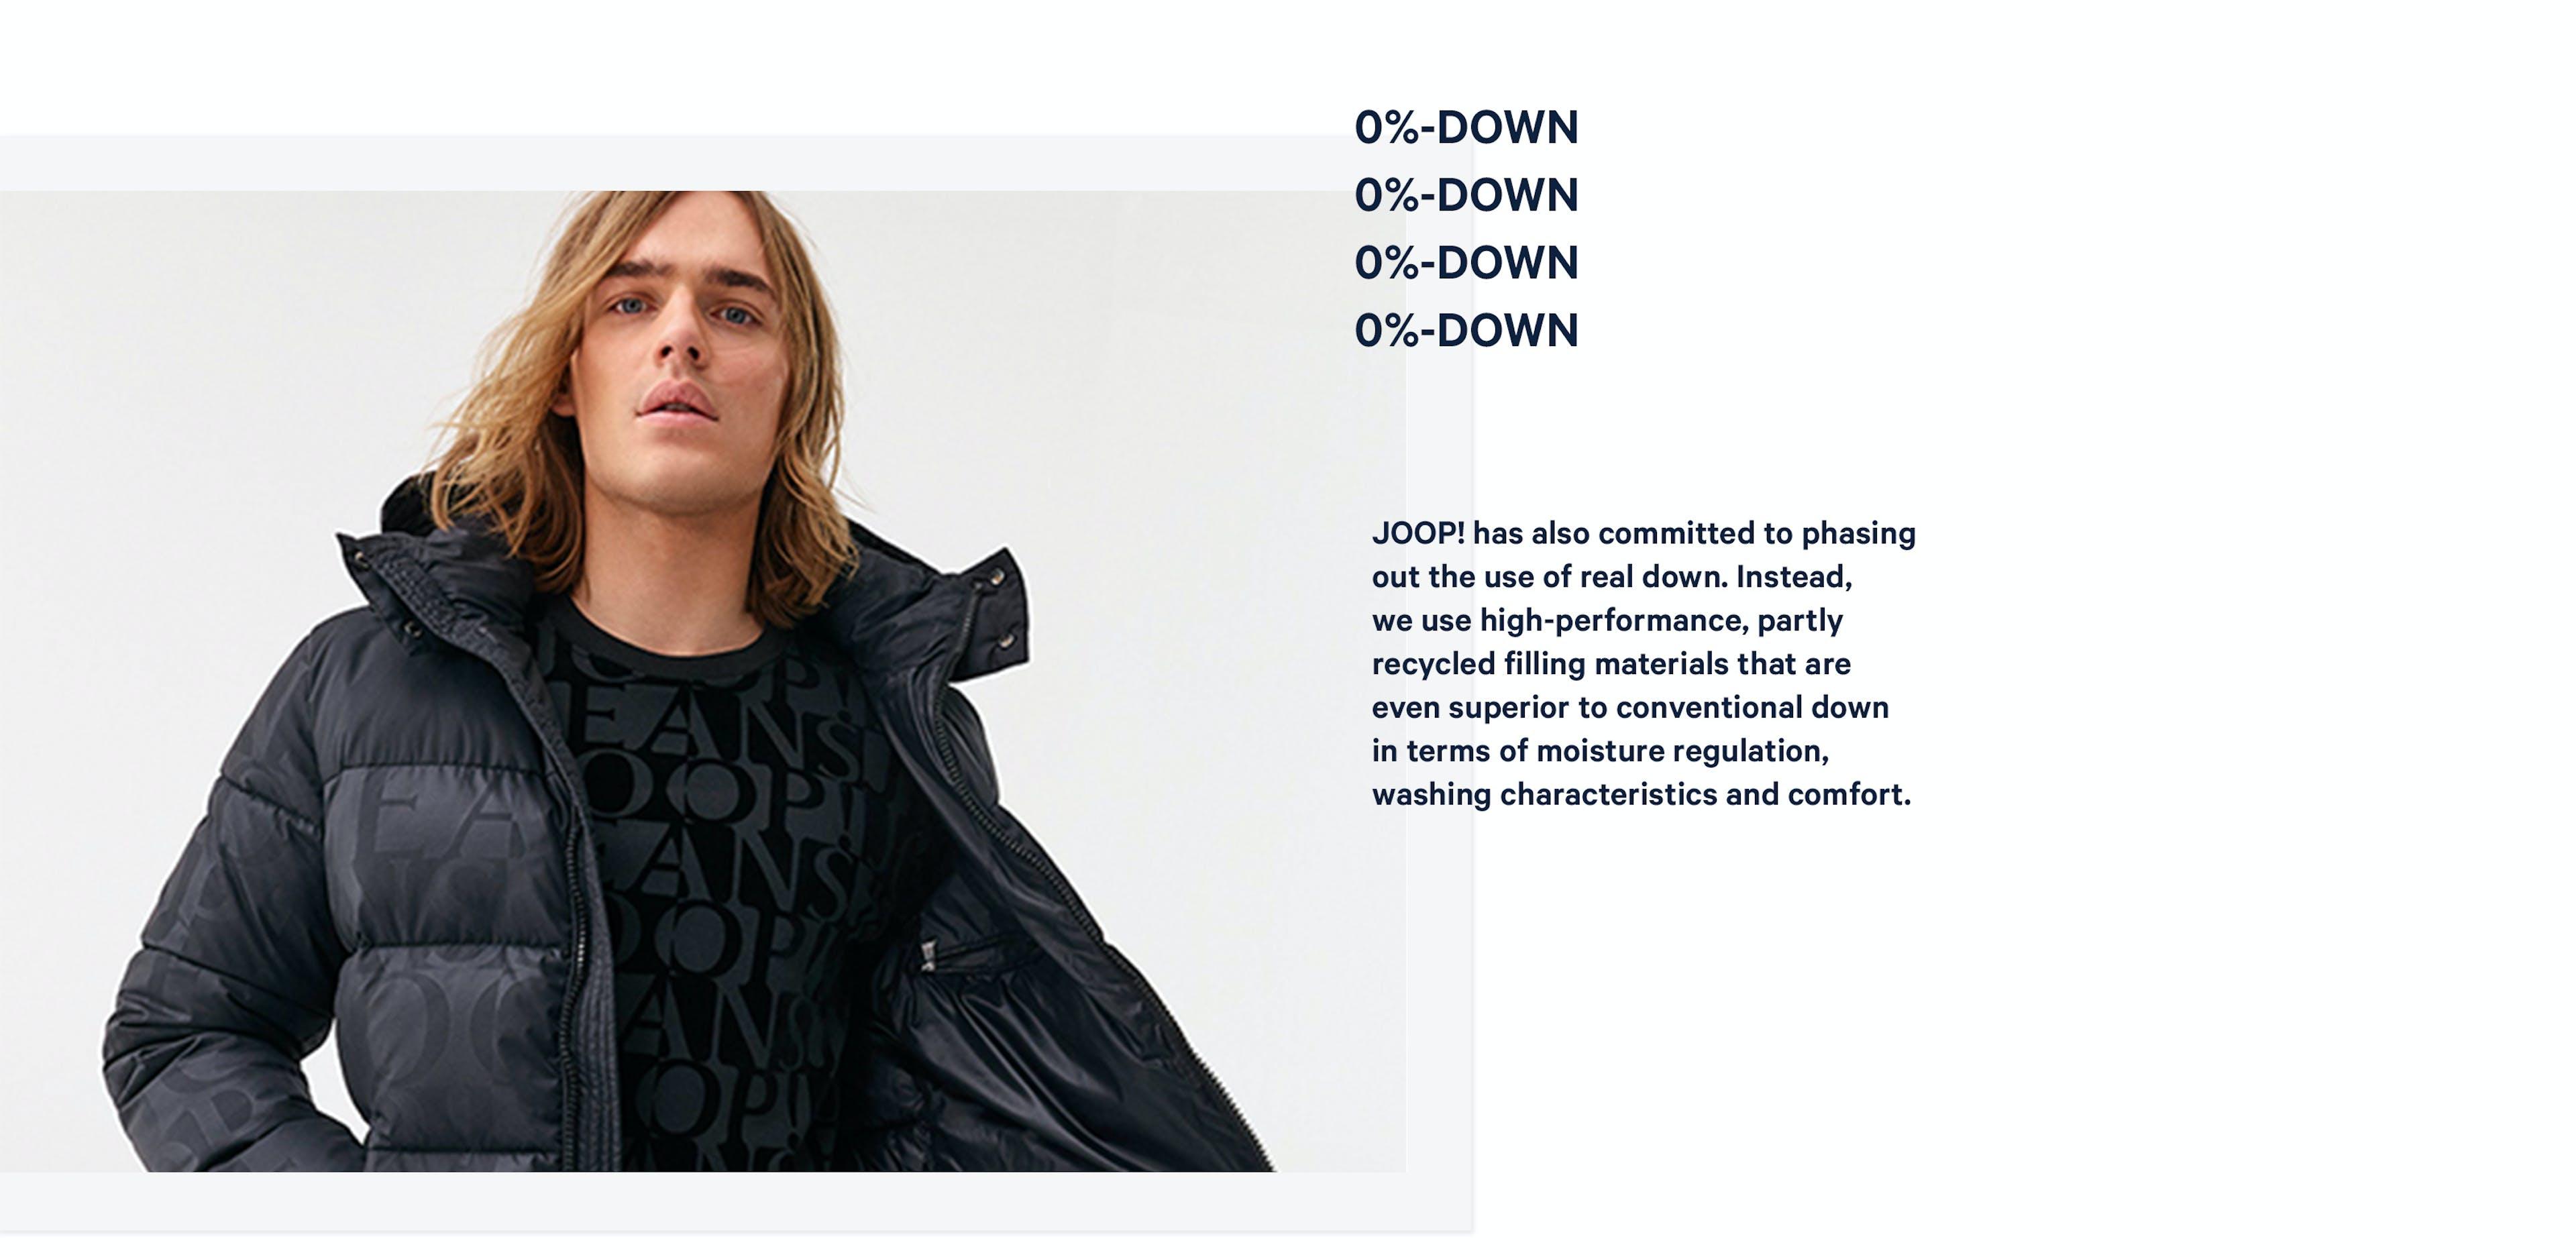 0% DOWN